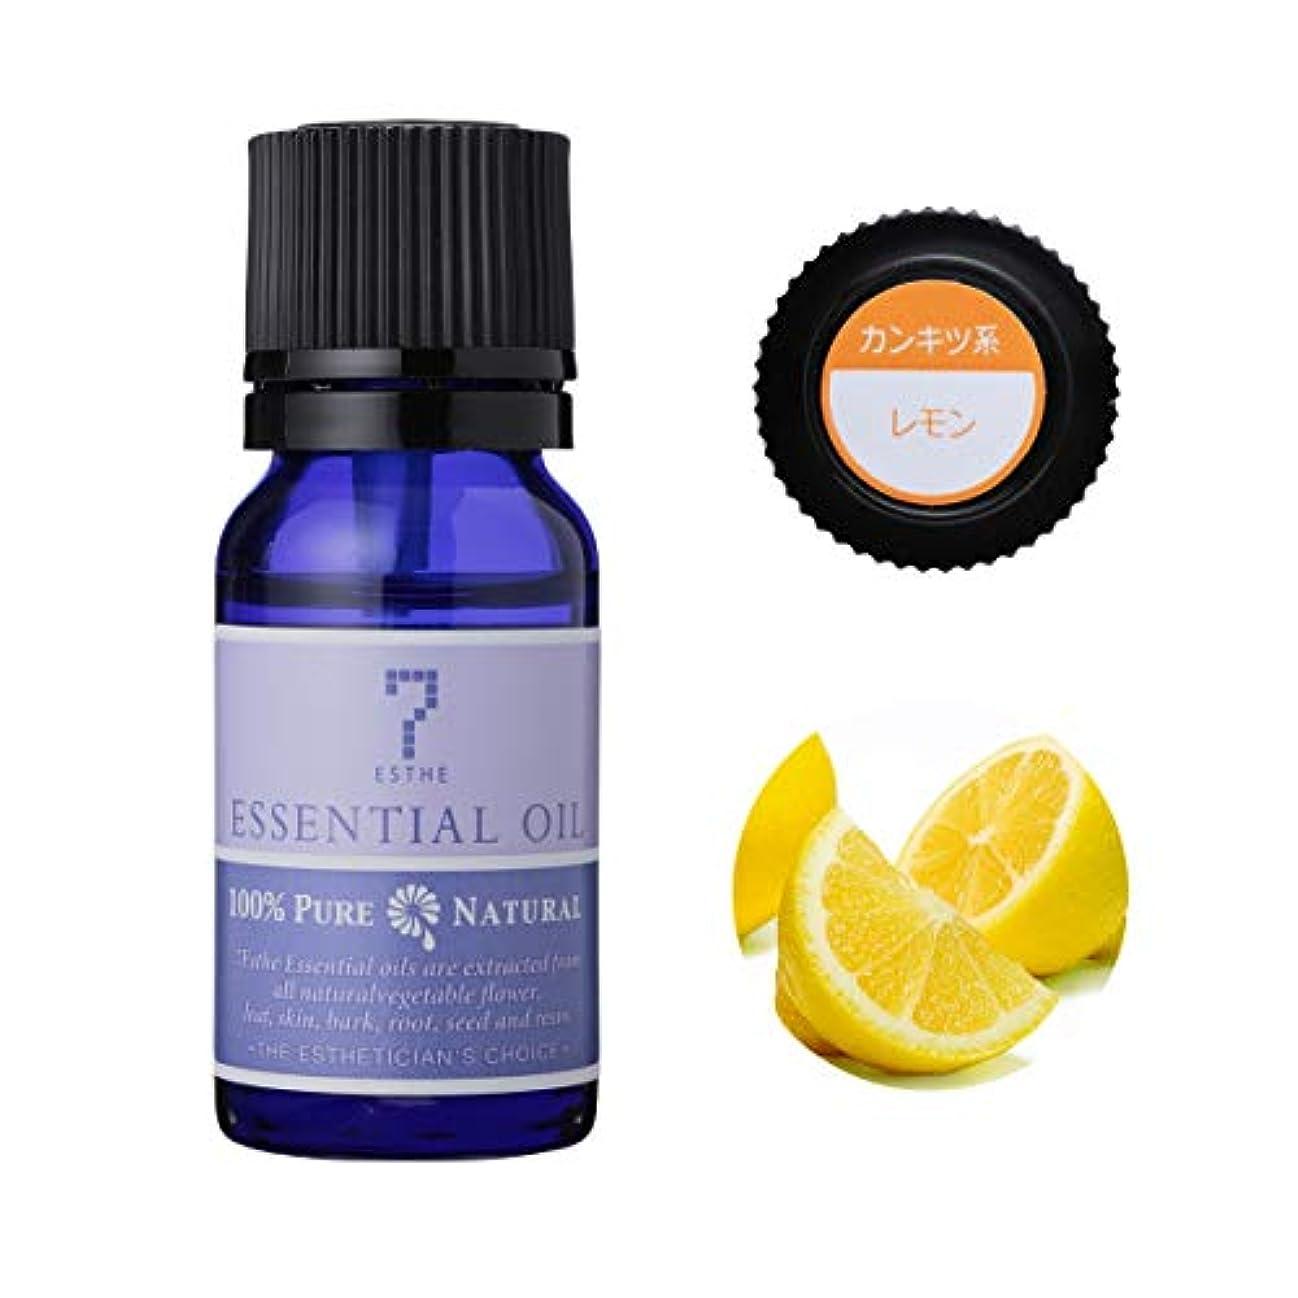 敵におい一次7エステ エッセンシャルオイル レモン 10ml アロマオイル 精油